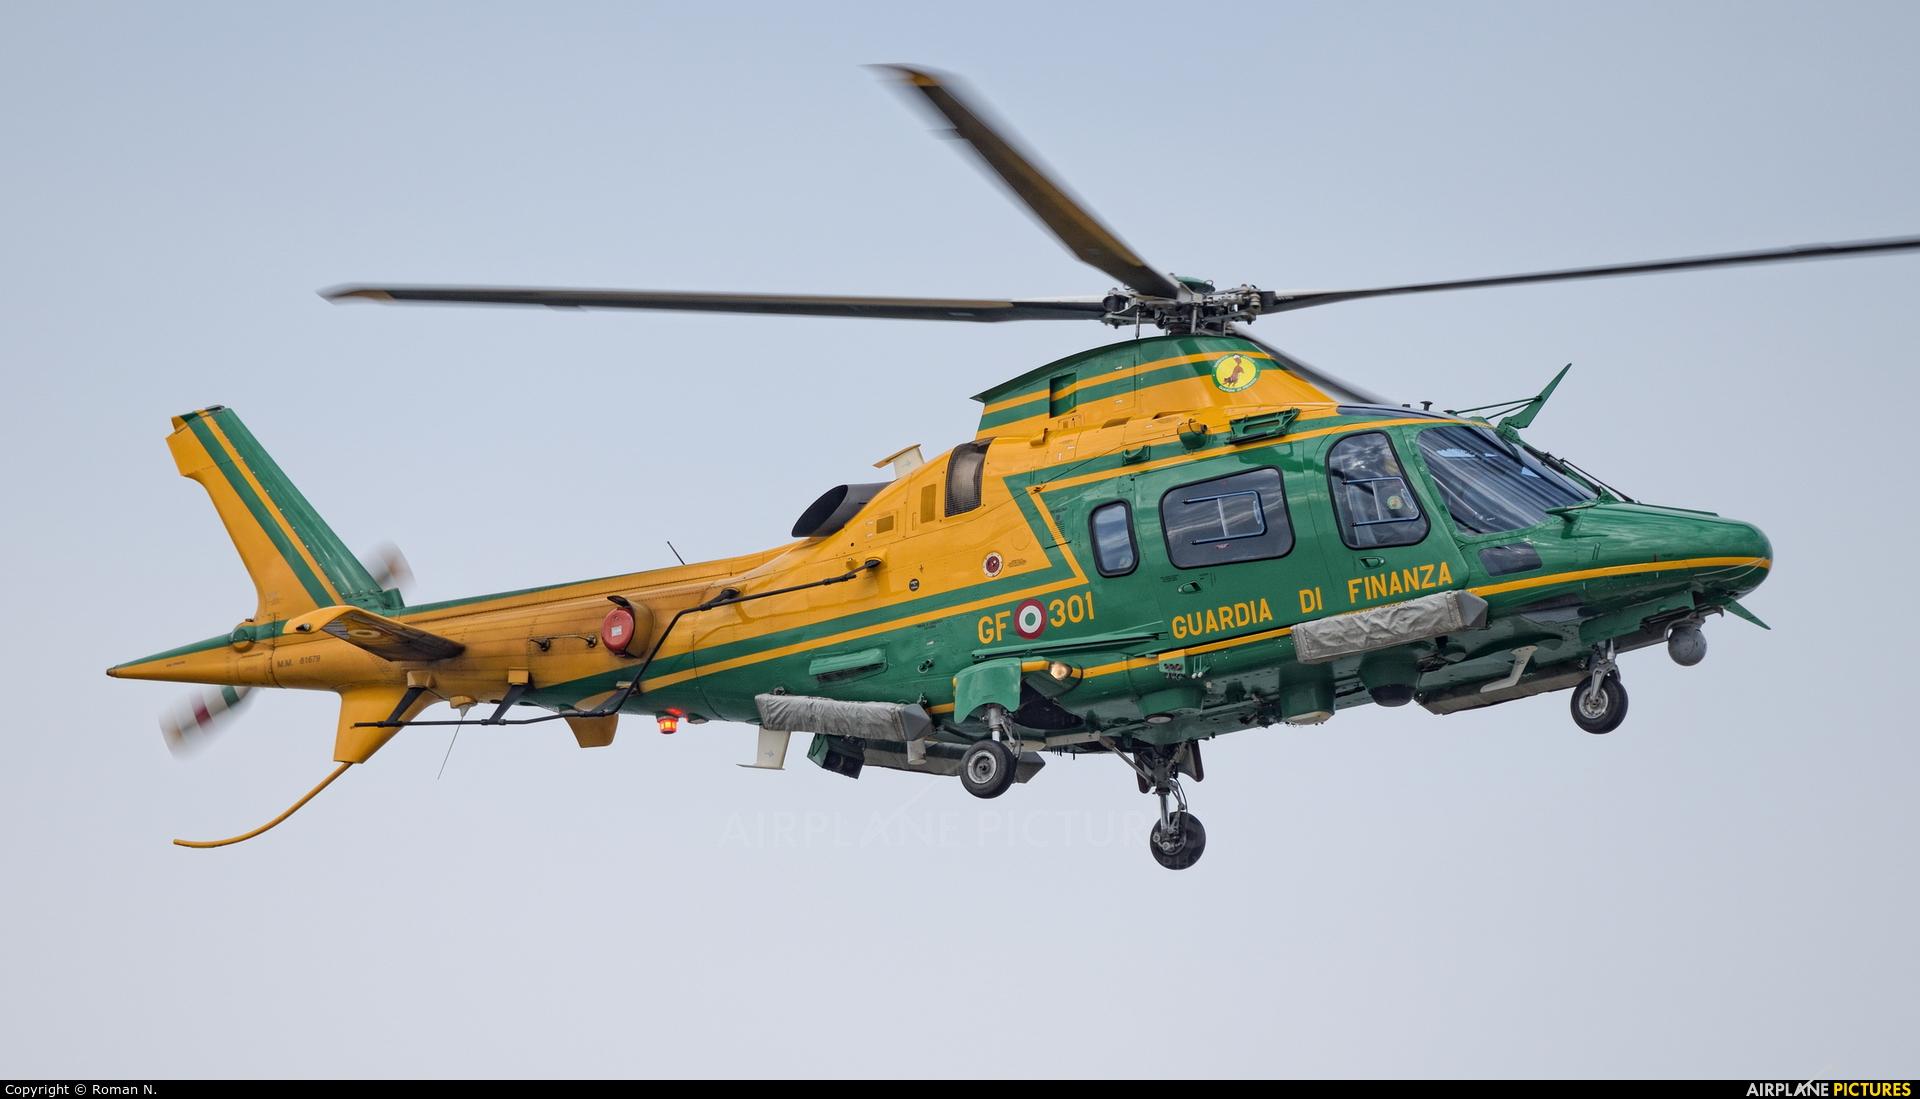 Italy - Guardia di Finanza MM81679 aircraft at Trapani - Birgi